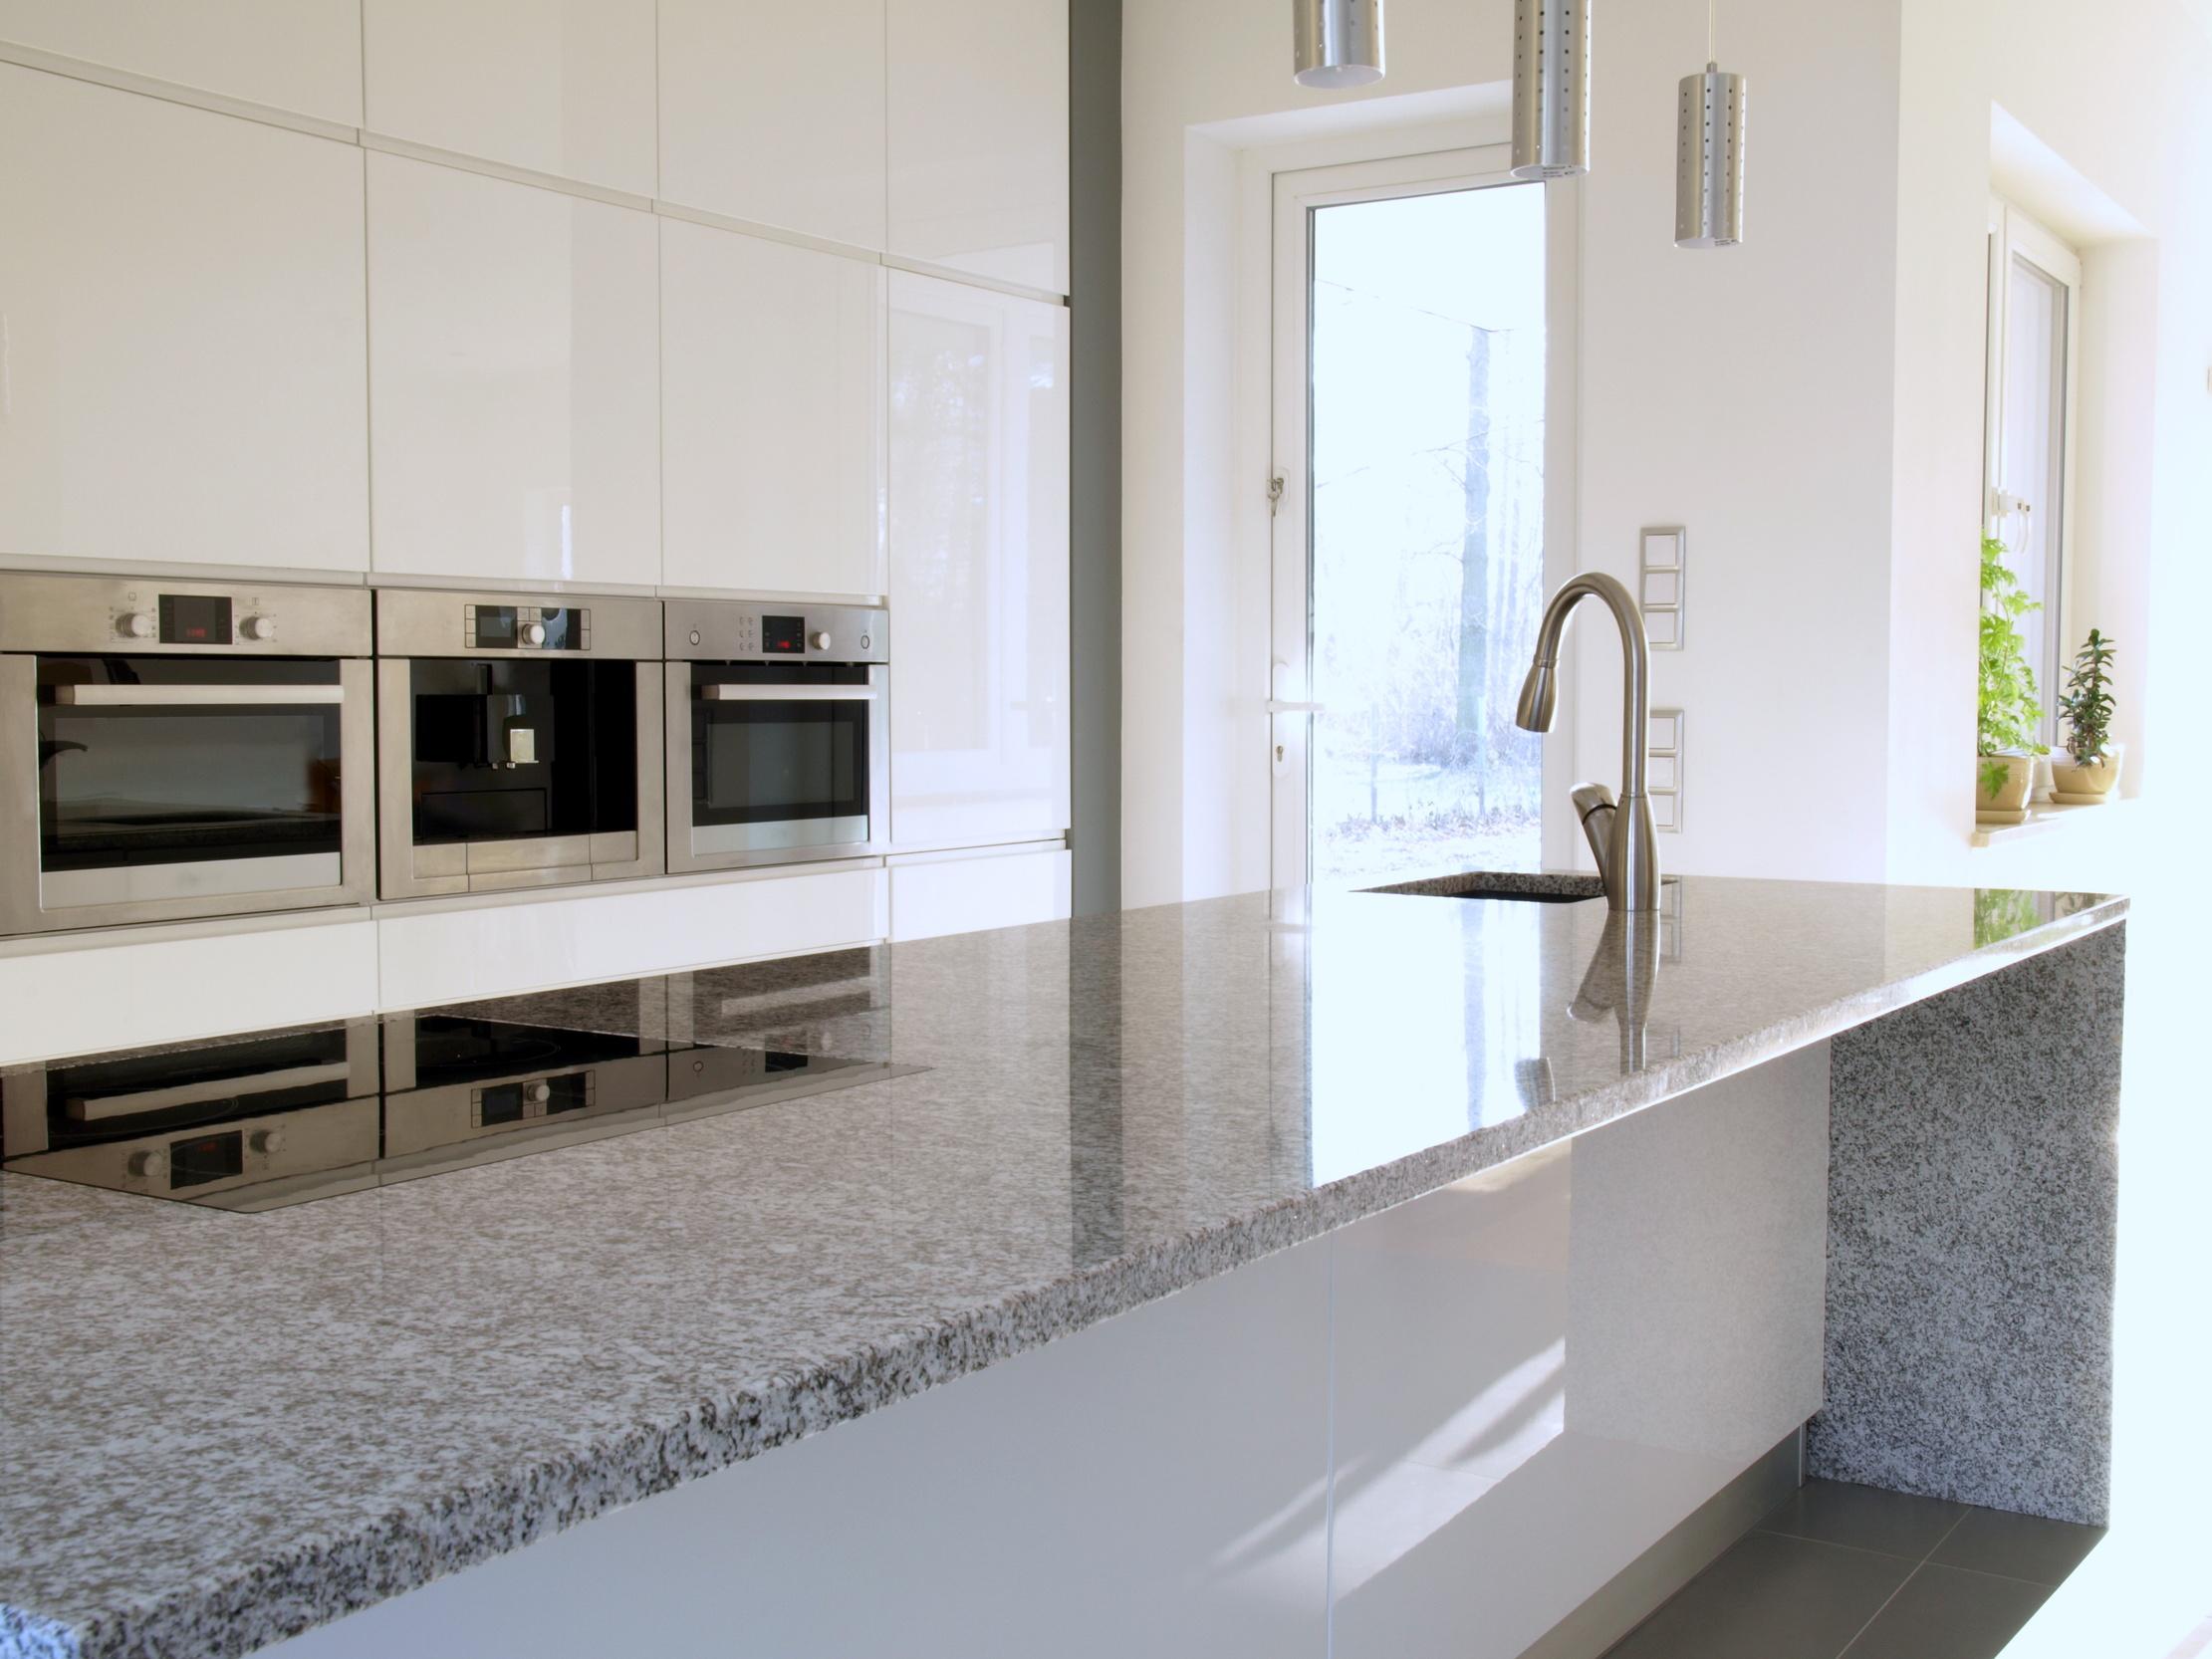 #576274 Bancada de Granito em uma cozinha moderna. Mármores e Granitos  2221x1666 px Fotos De Balcão De Granito Para Cozinha Americana_3445 Imagens